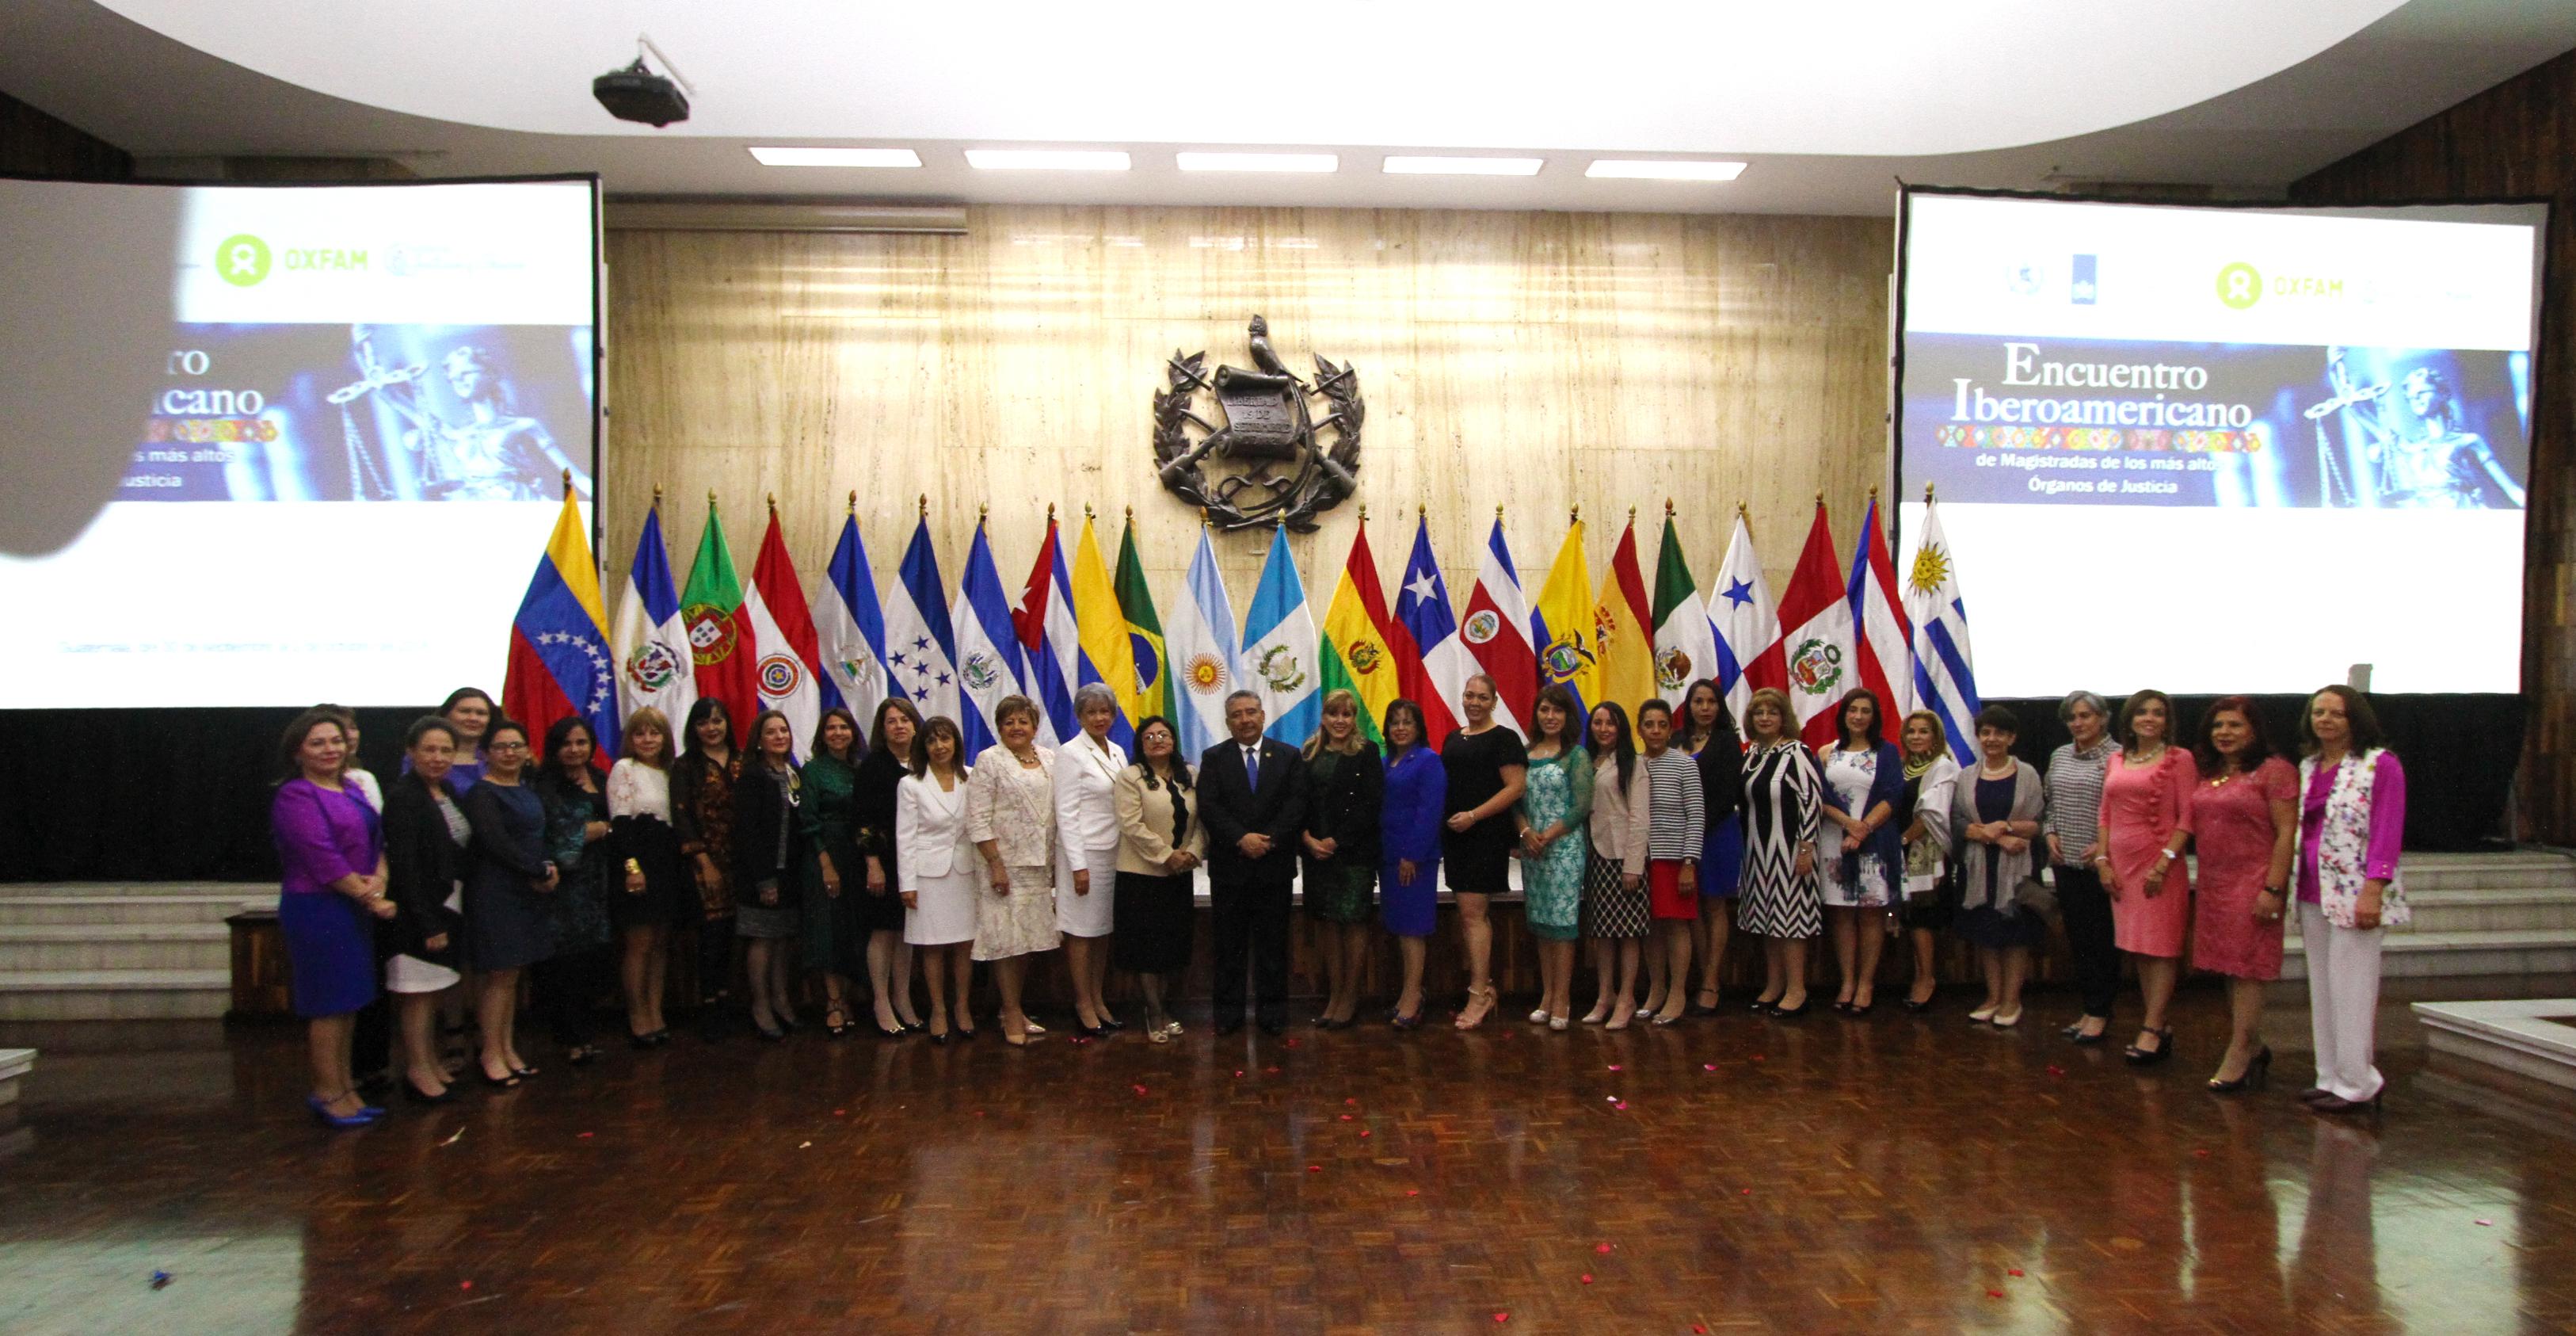 Inauguran Encuentro Iberoamericano de Magistradas de los más Altos Órganos de Justicia